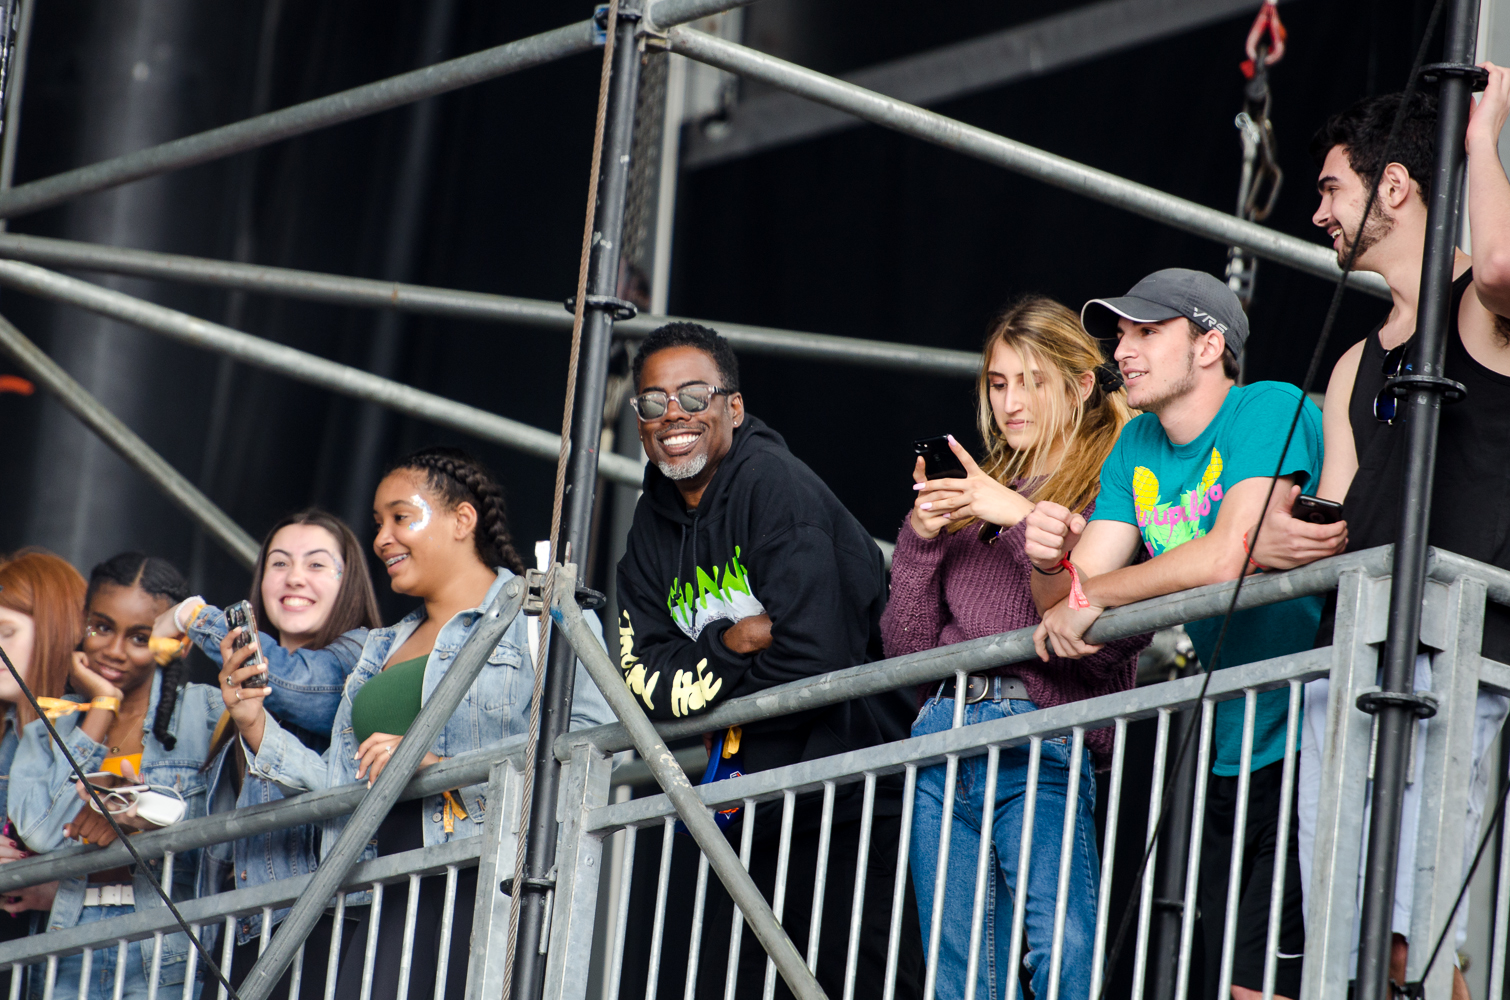 Chris Rock, photo by Ben Kaye